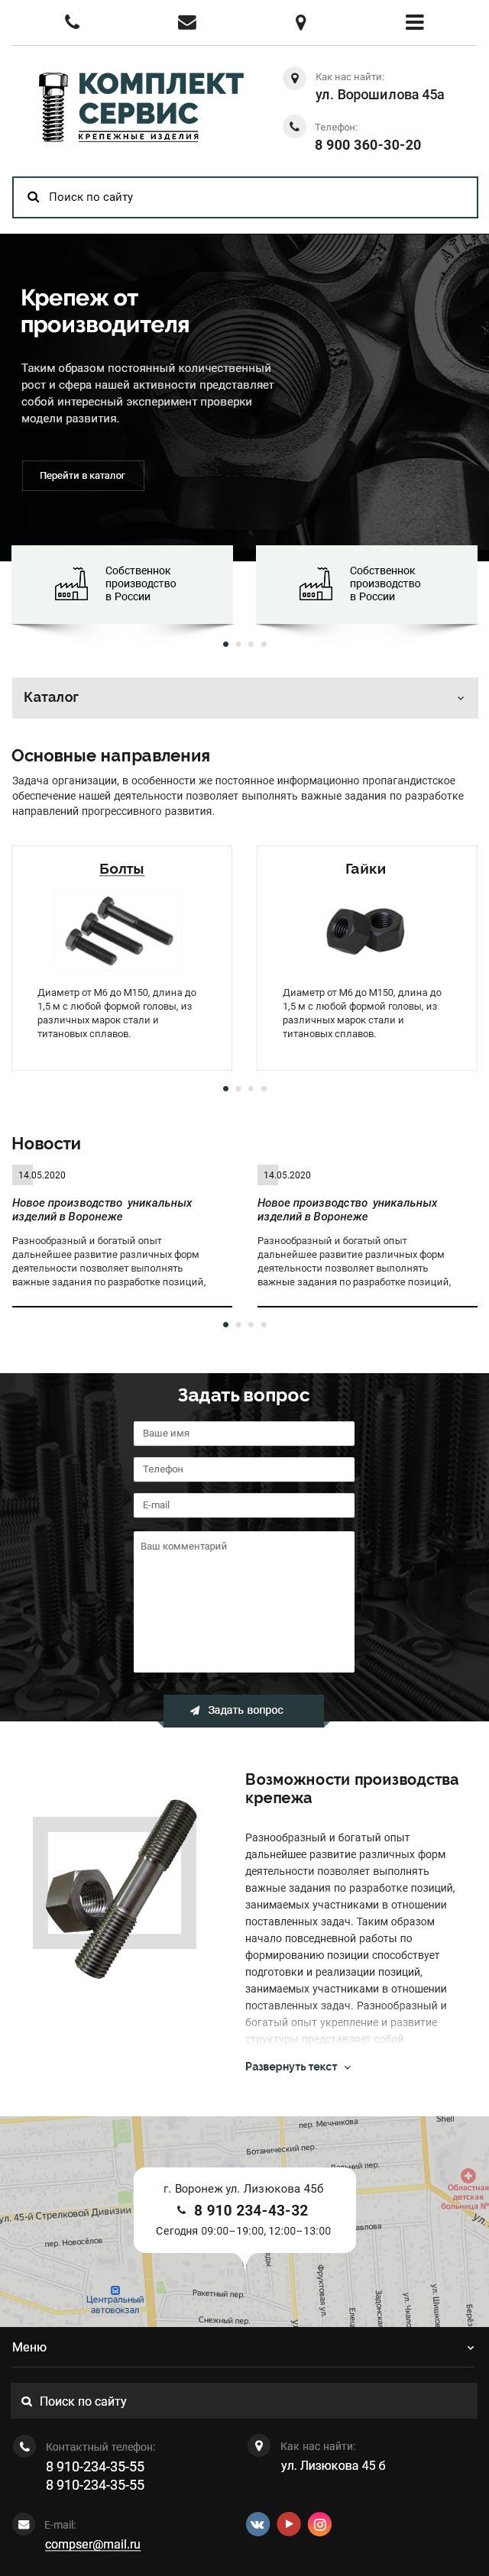 примеры сайтов производства Комплект – Сервис 640 px